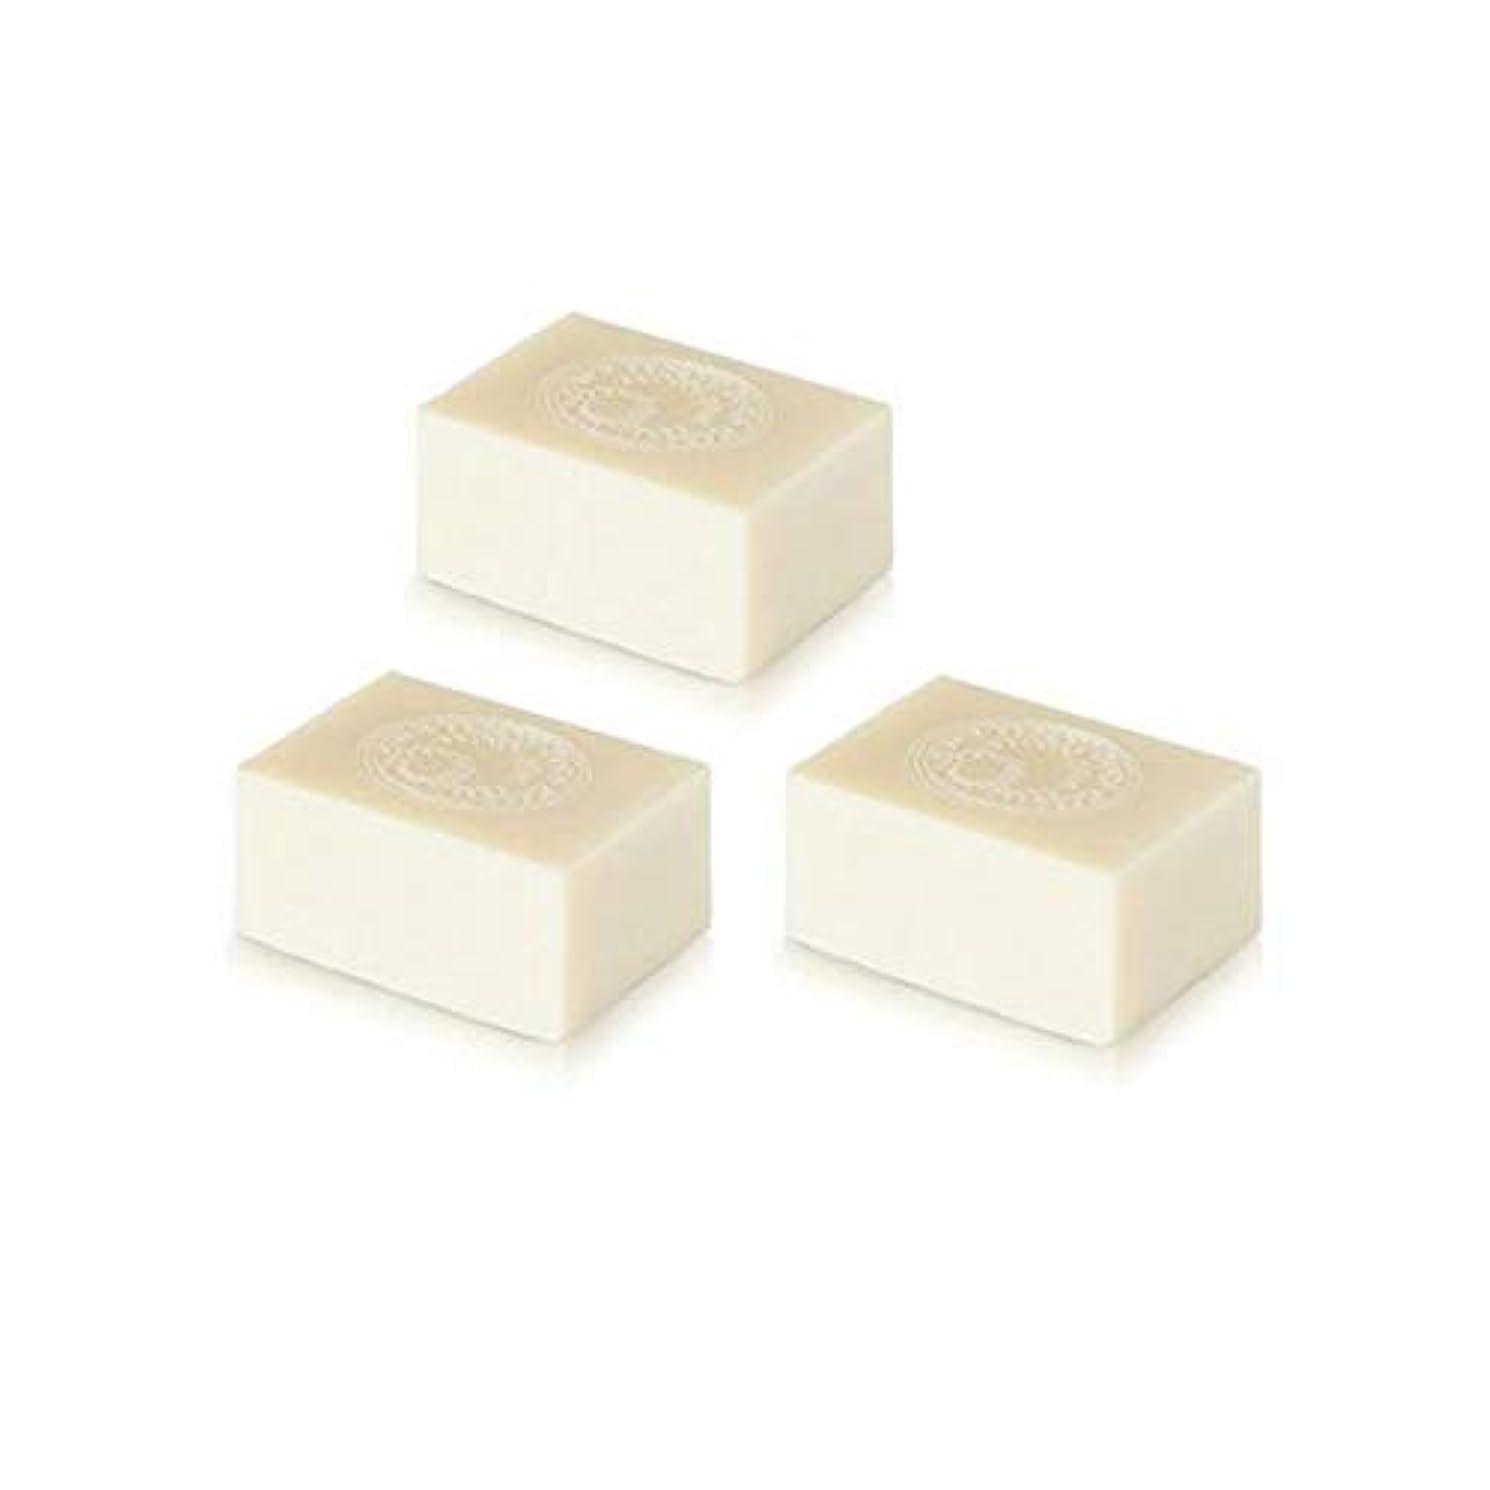 ファンシーフライカイト本アルガン石鹸3個セット( 145g ×3個) アルガンオイルの完全無添加石鹸